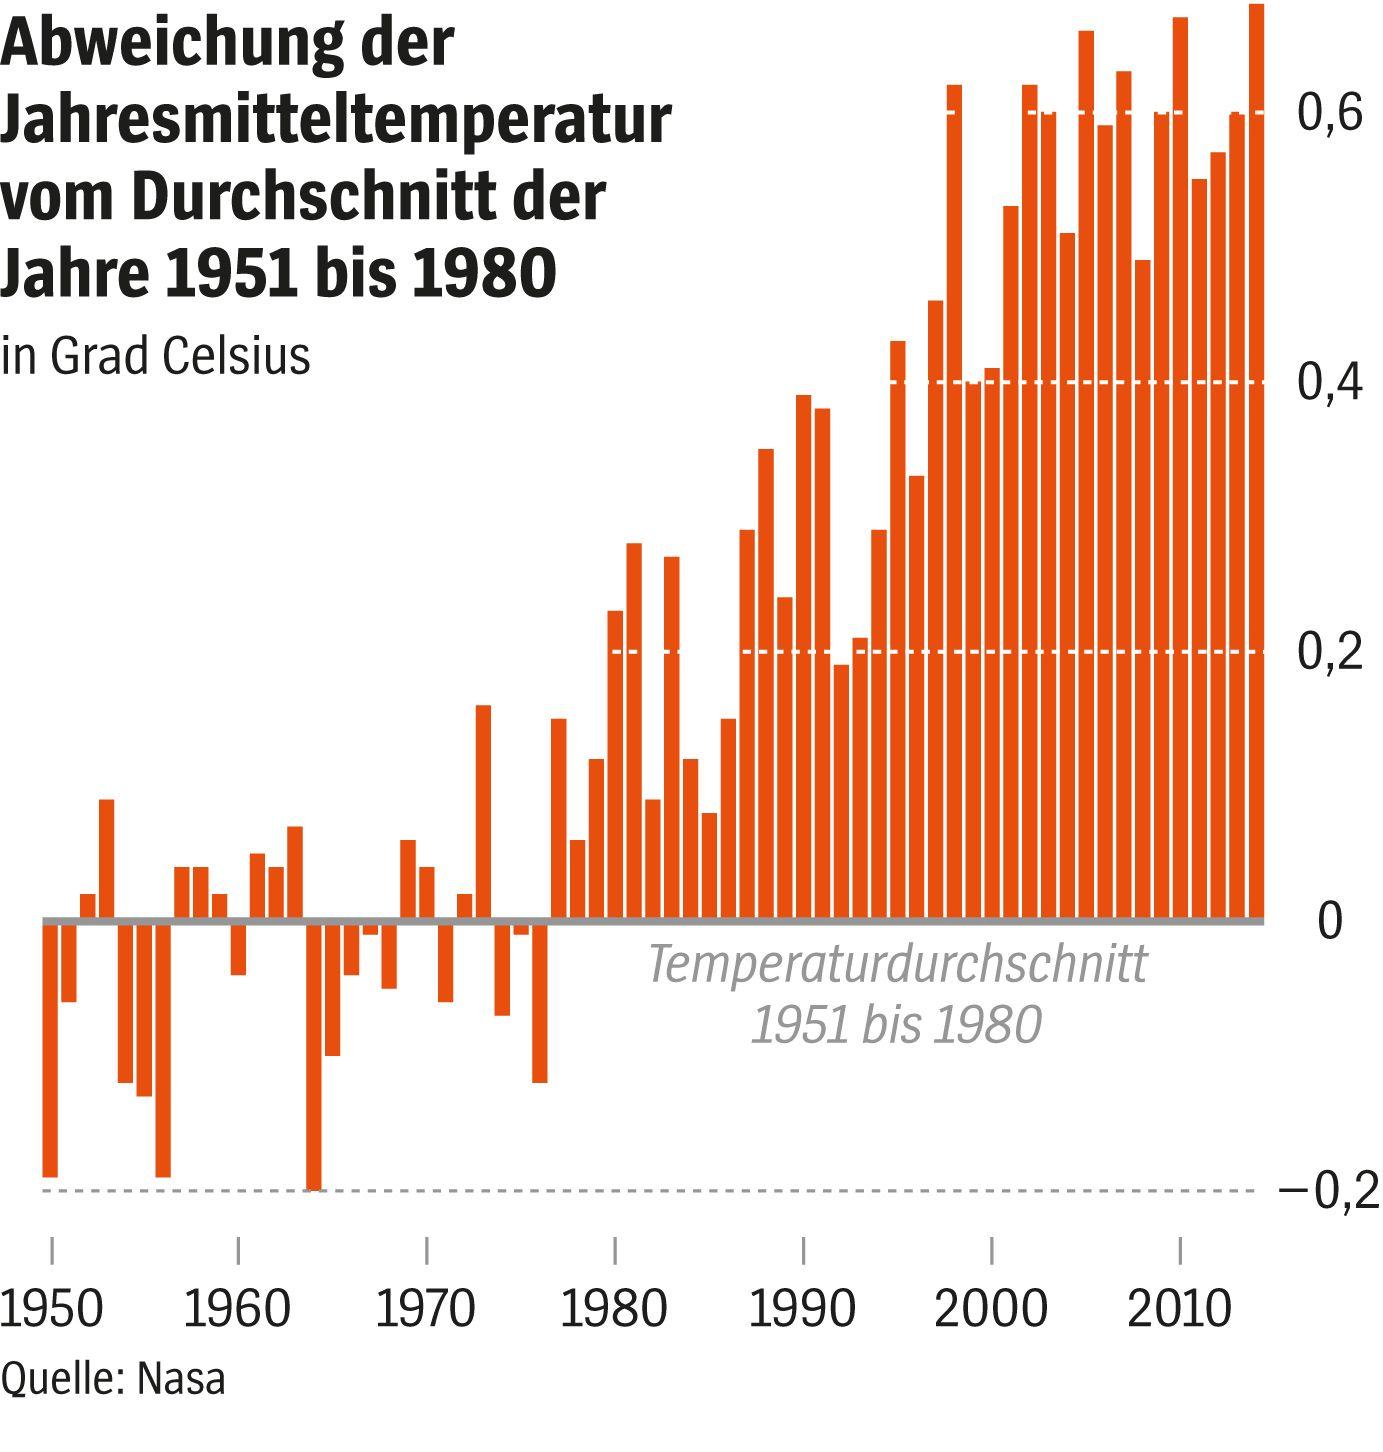 SPIEGEL 9/2015 Grafik Klimawandel / Jahresmitteltemperatur